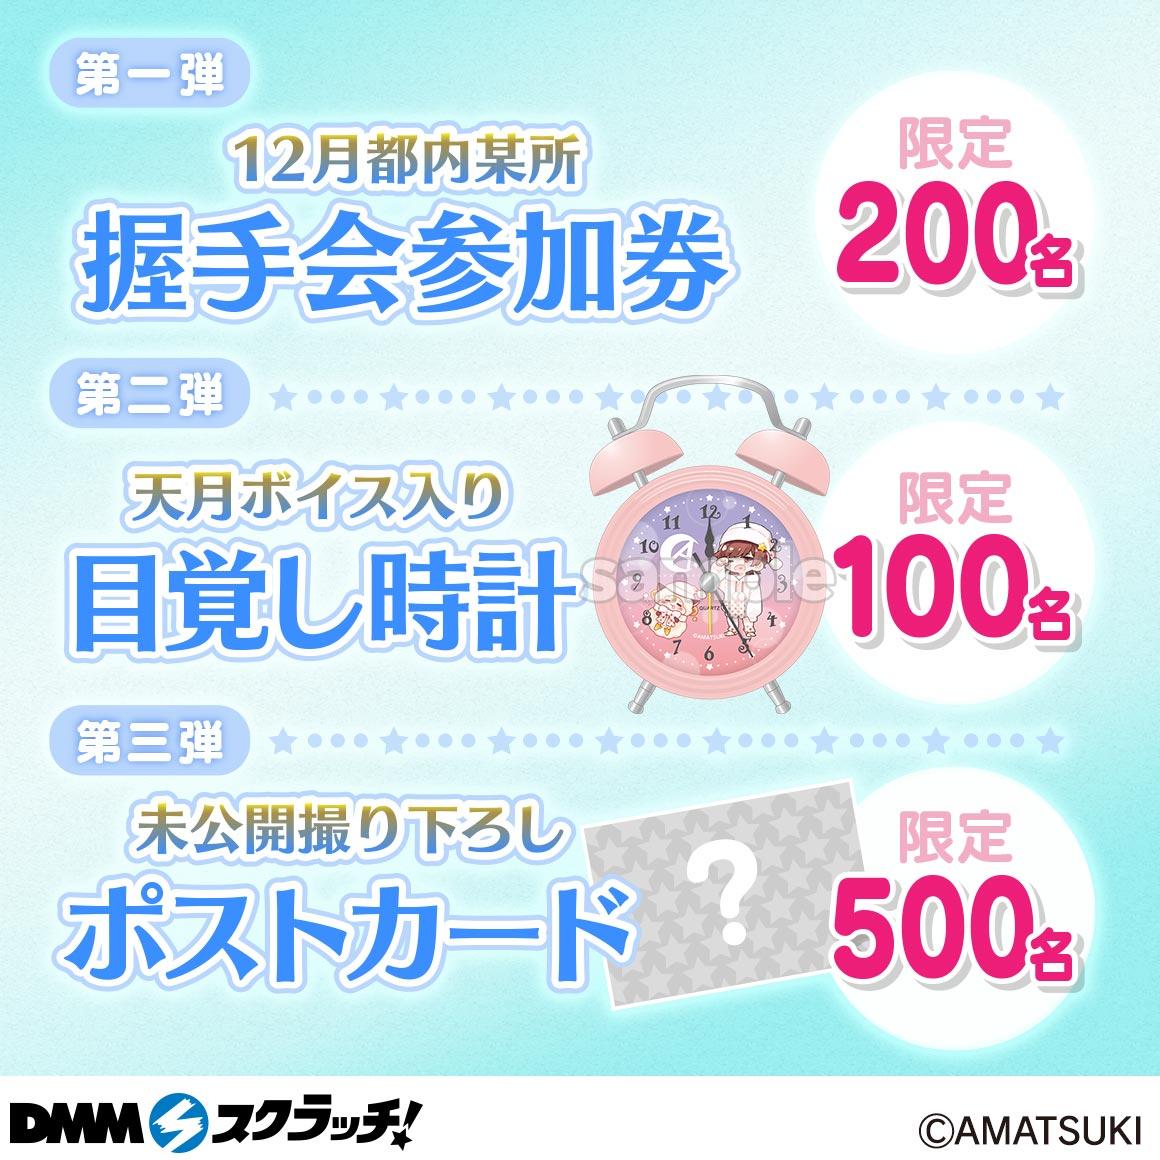 ファミマ 天 月 ファミマがホットスナックの新商品「鶏天」を全国で数量限定発売! (2020年11月25日)